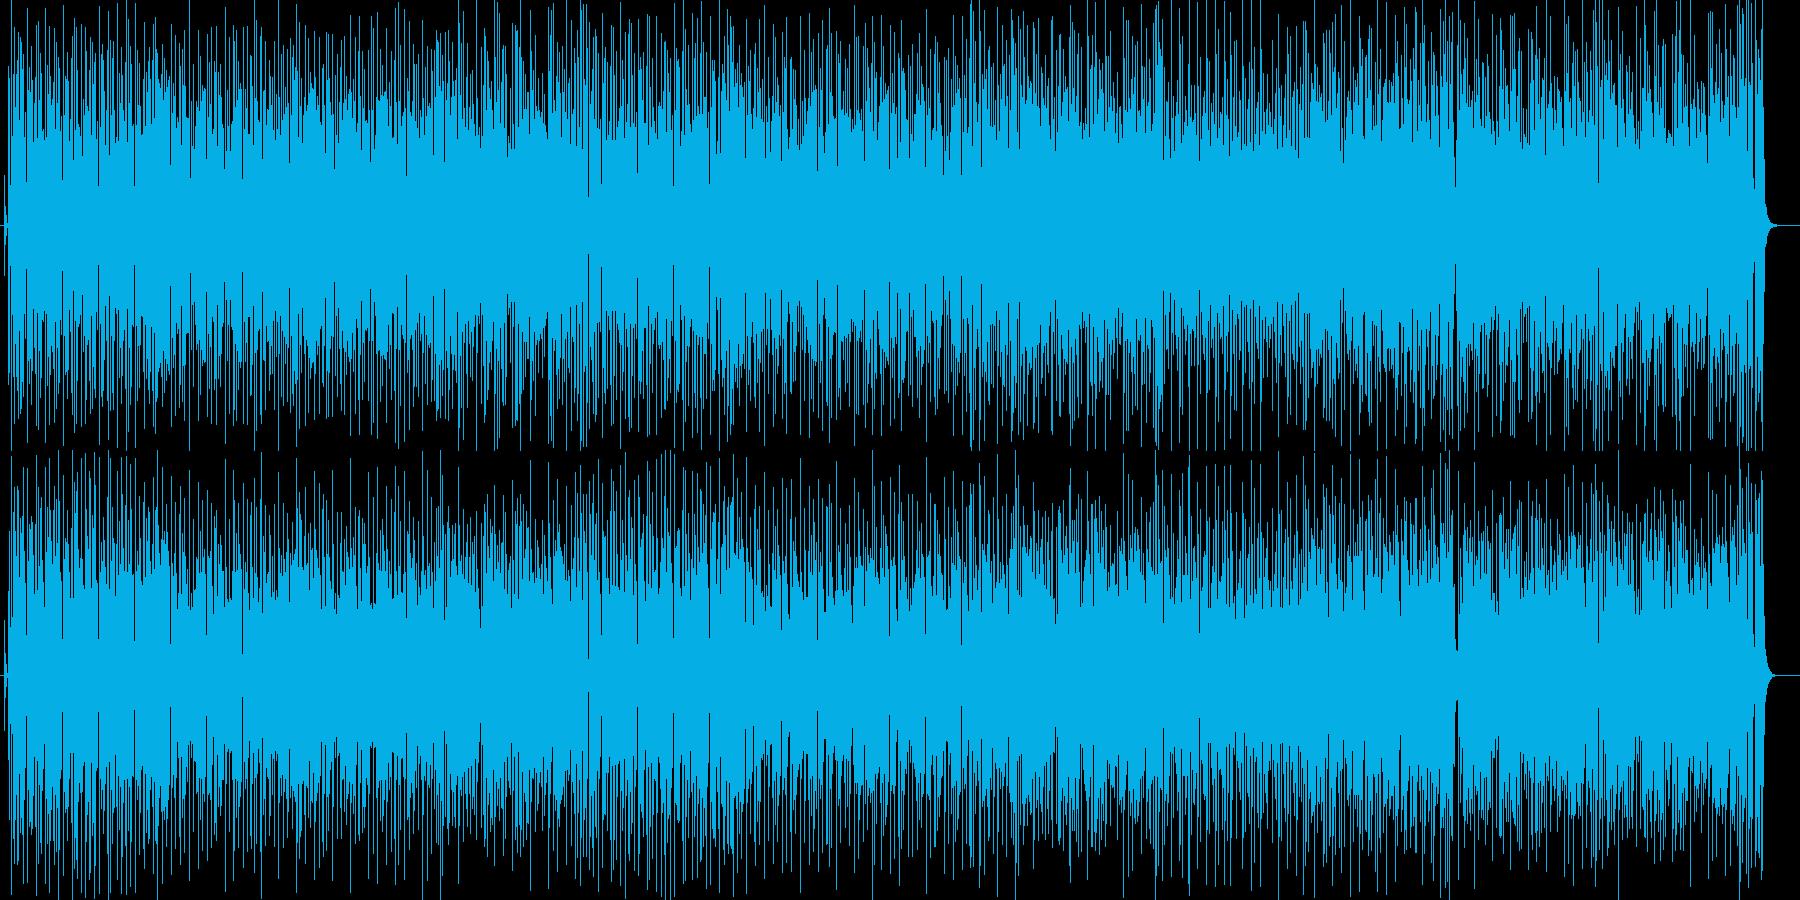 陽気なシンセ打楽器などの曲の再生済みの波形